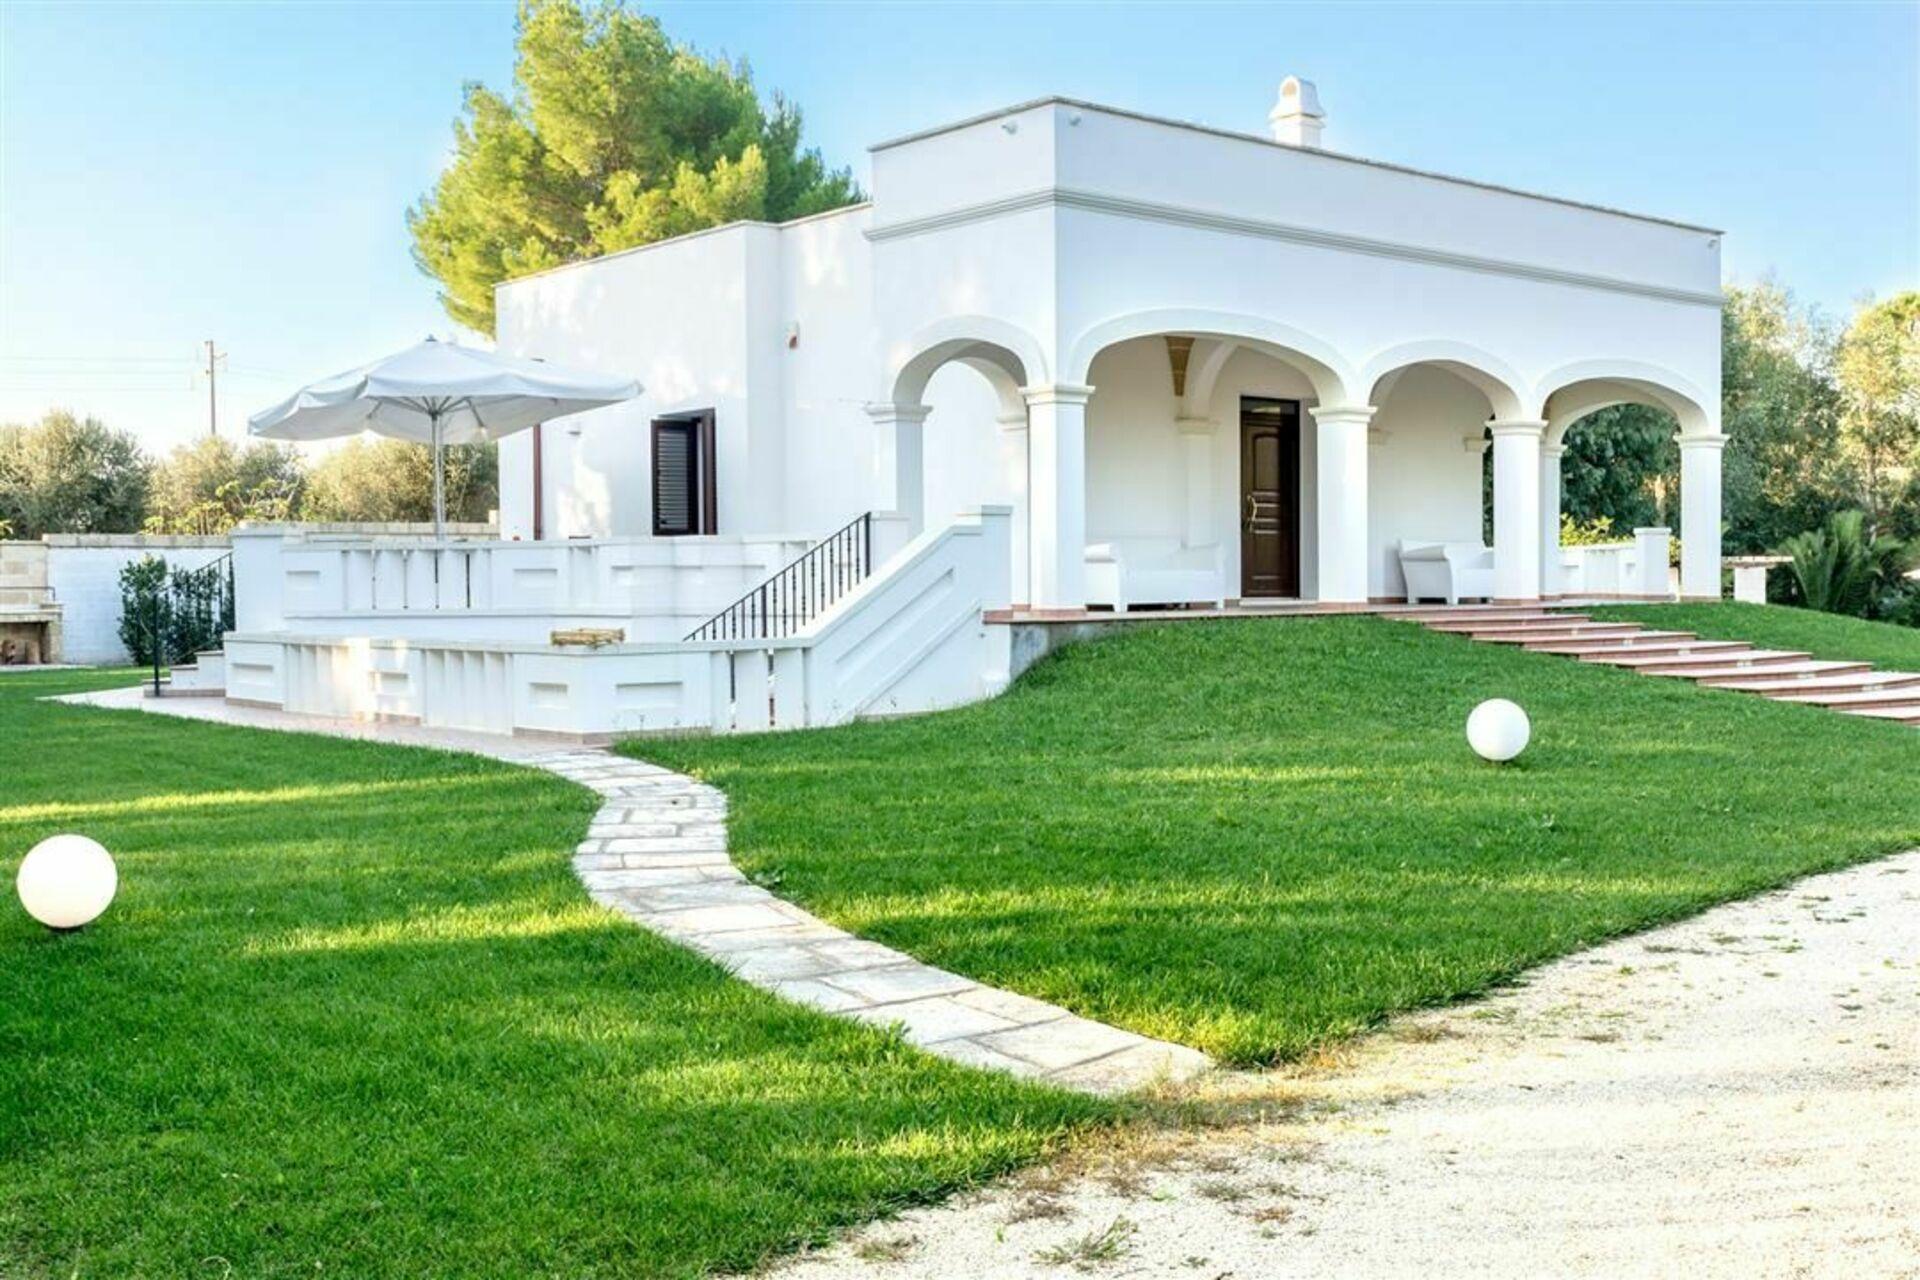 Villa alba casa vacanze con 8 posti letto in 4 camere for Branson cabin rentals 4 camere da letto